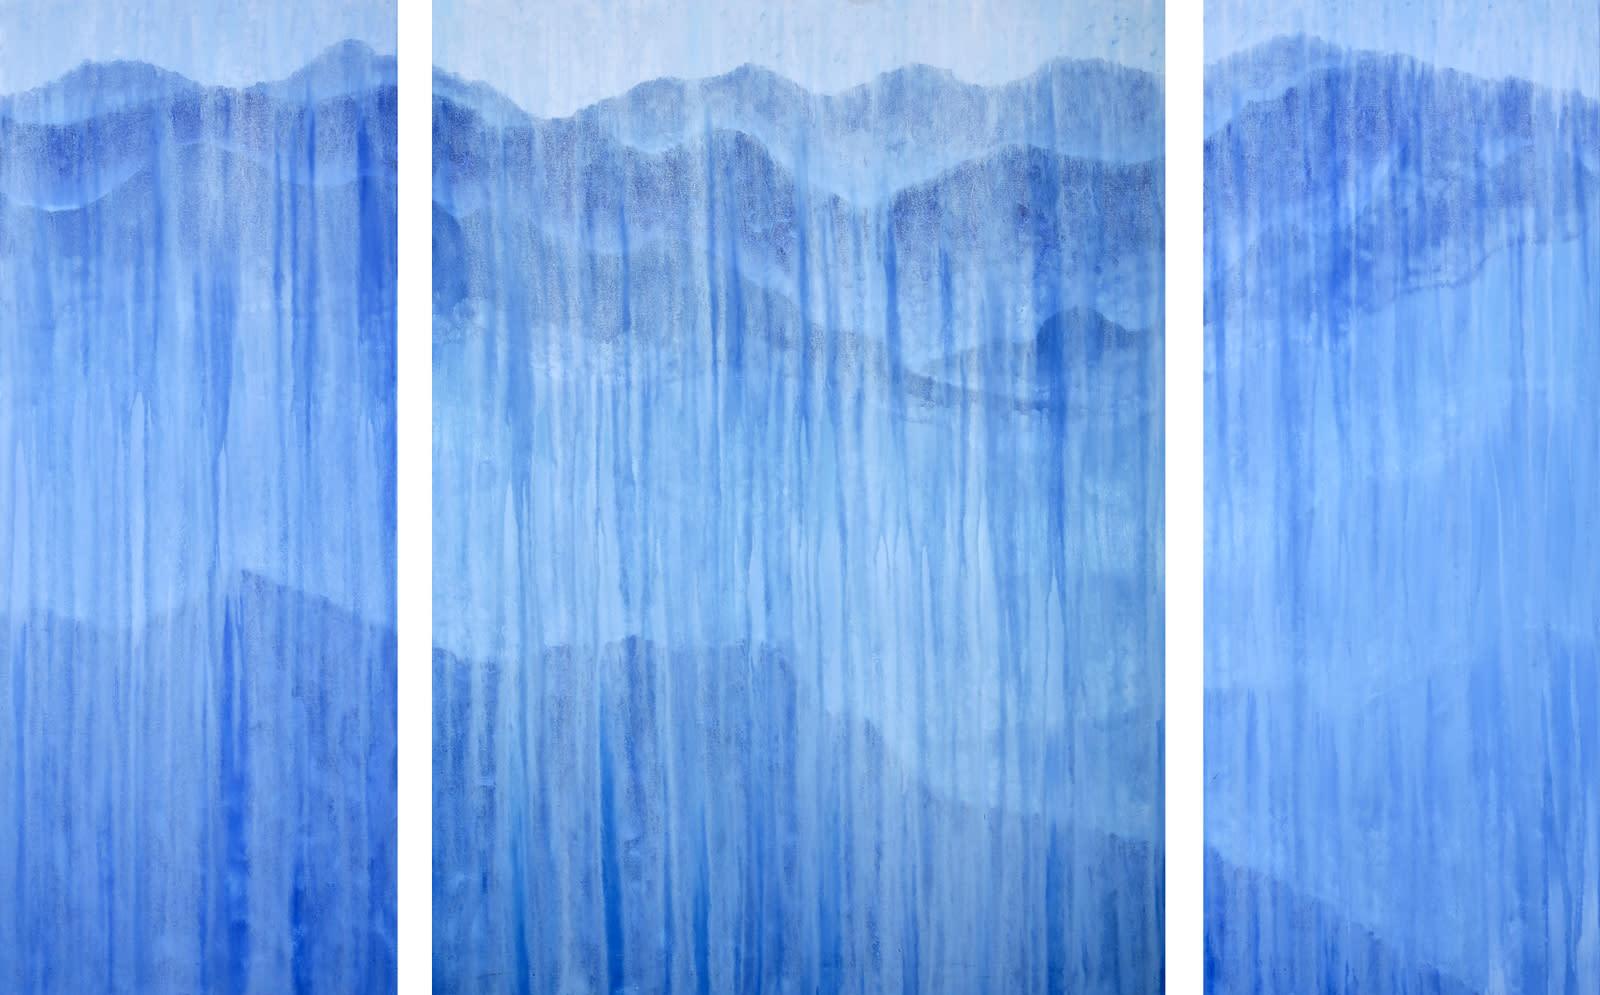 Bluemountainrain triptych1 lores iglldl